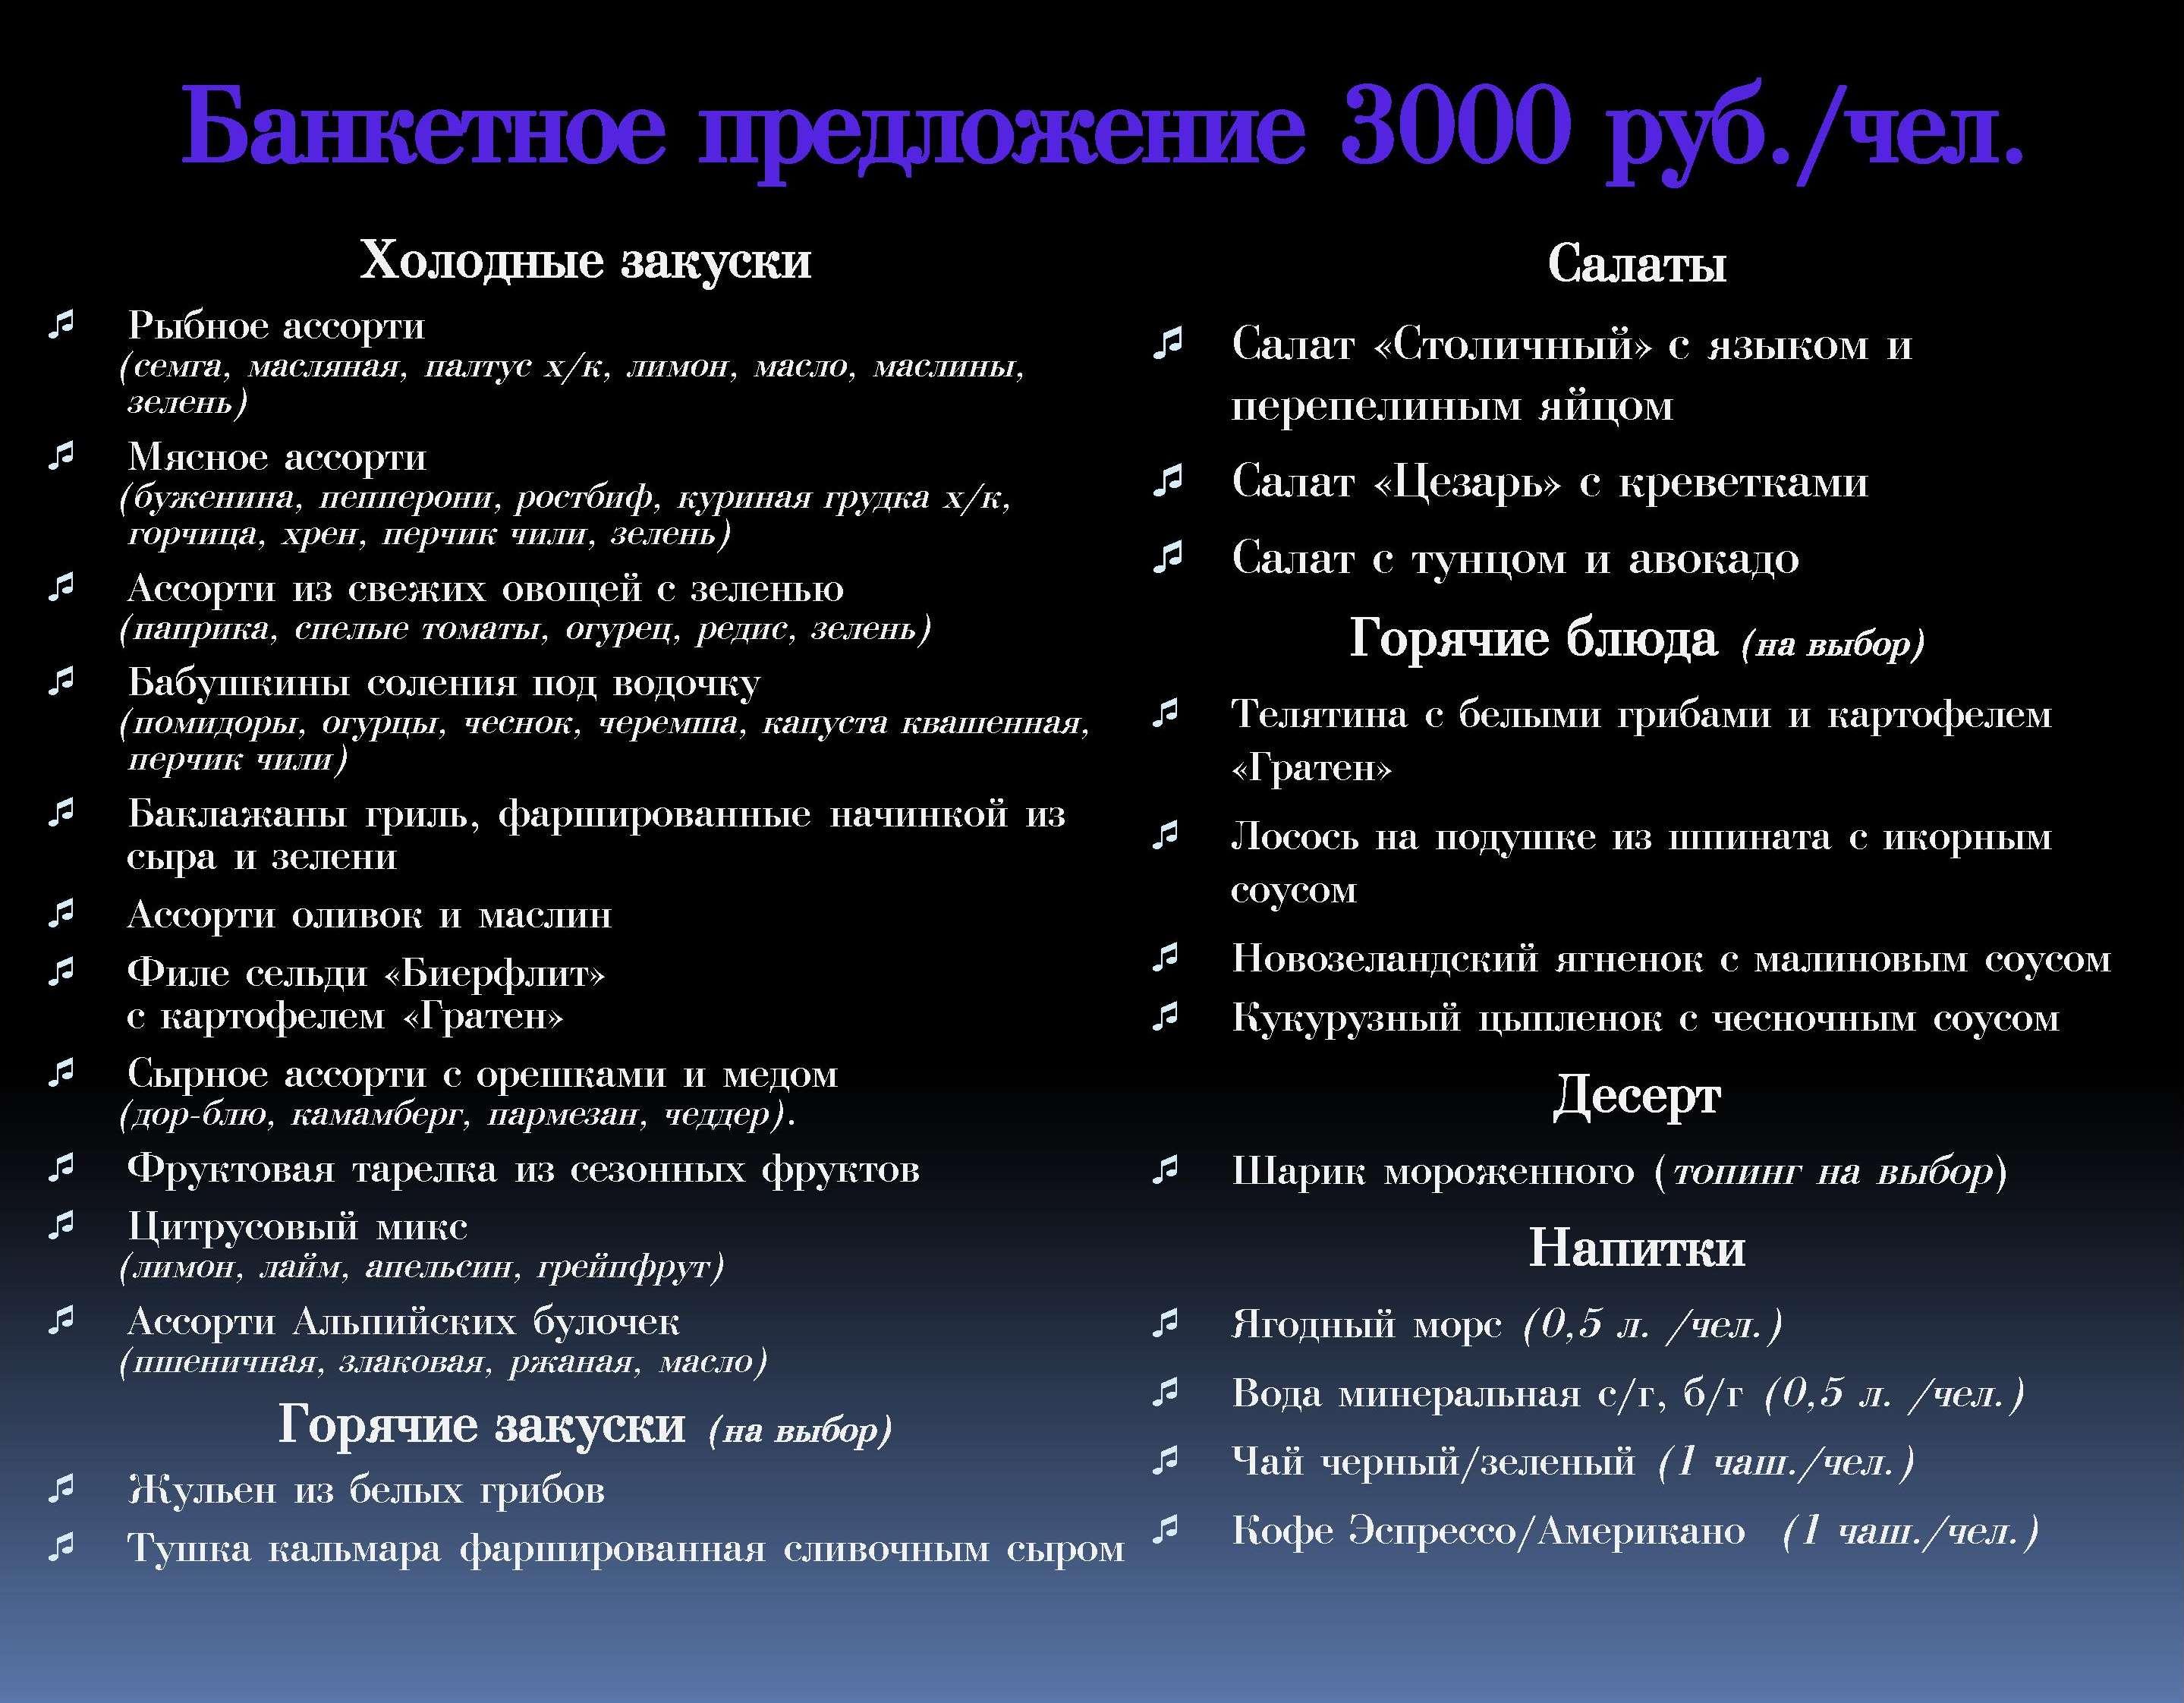 Banket0004-min